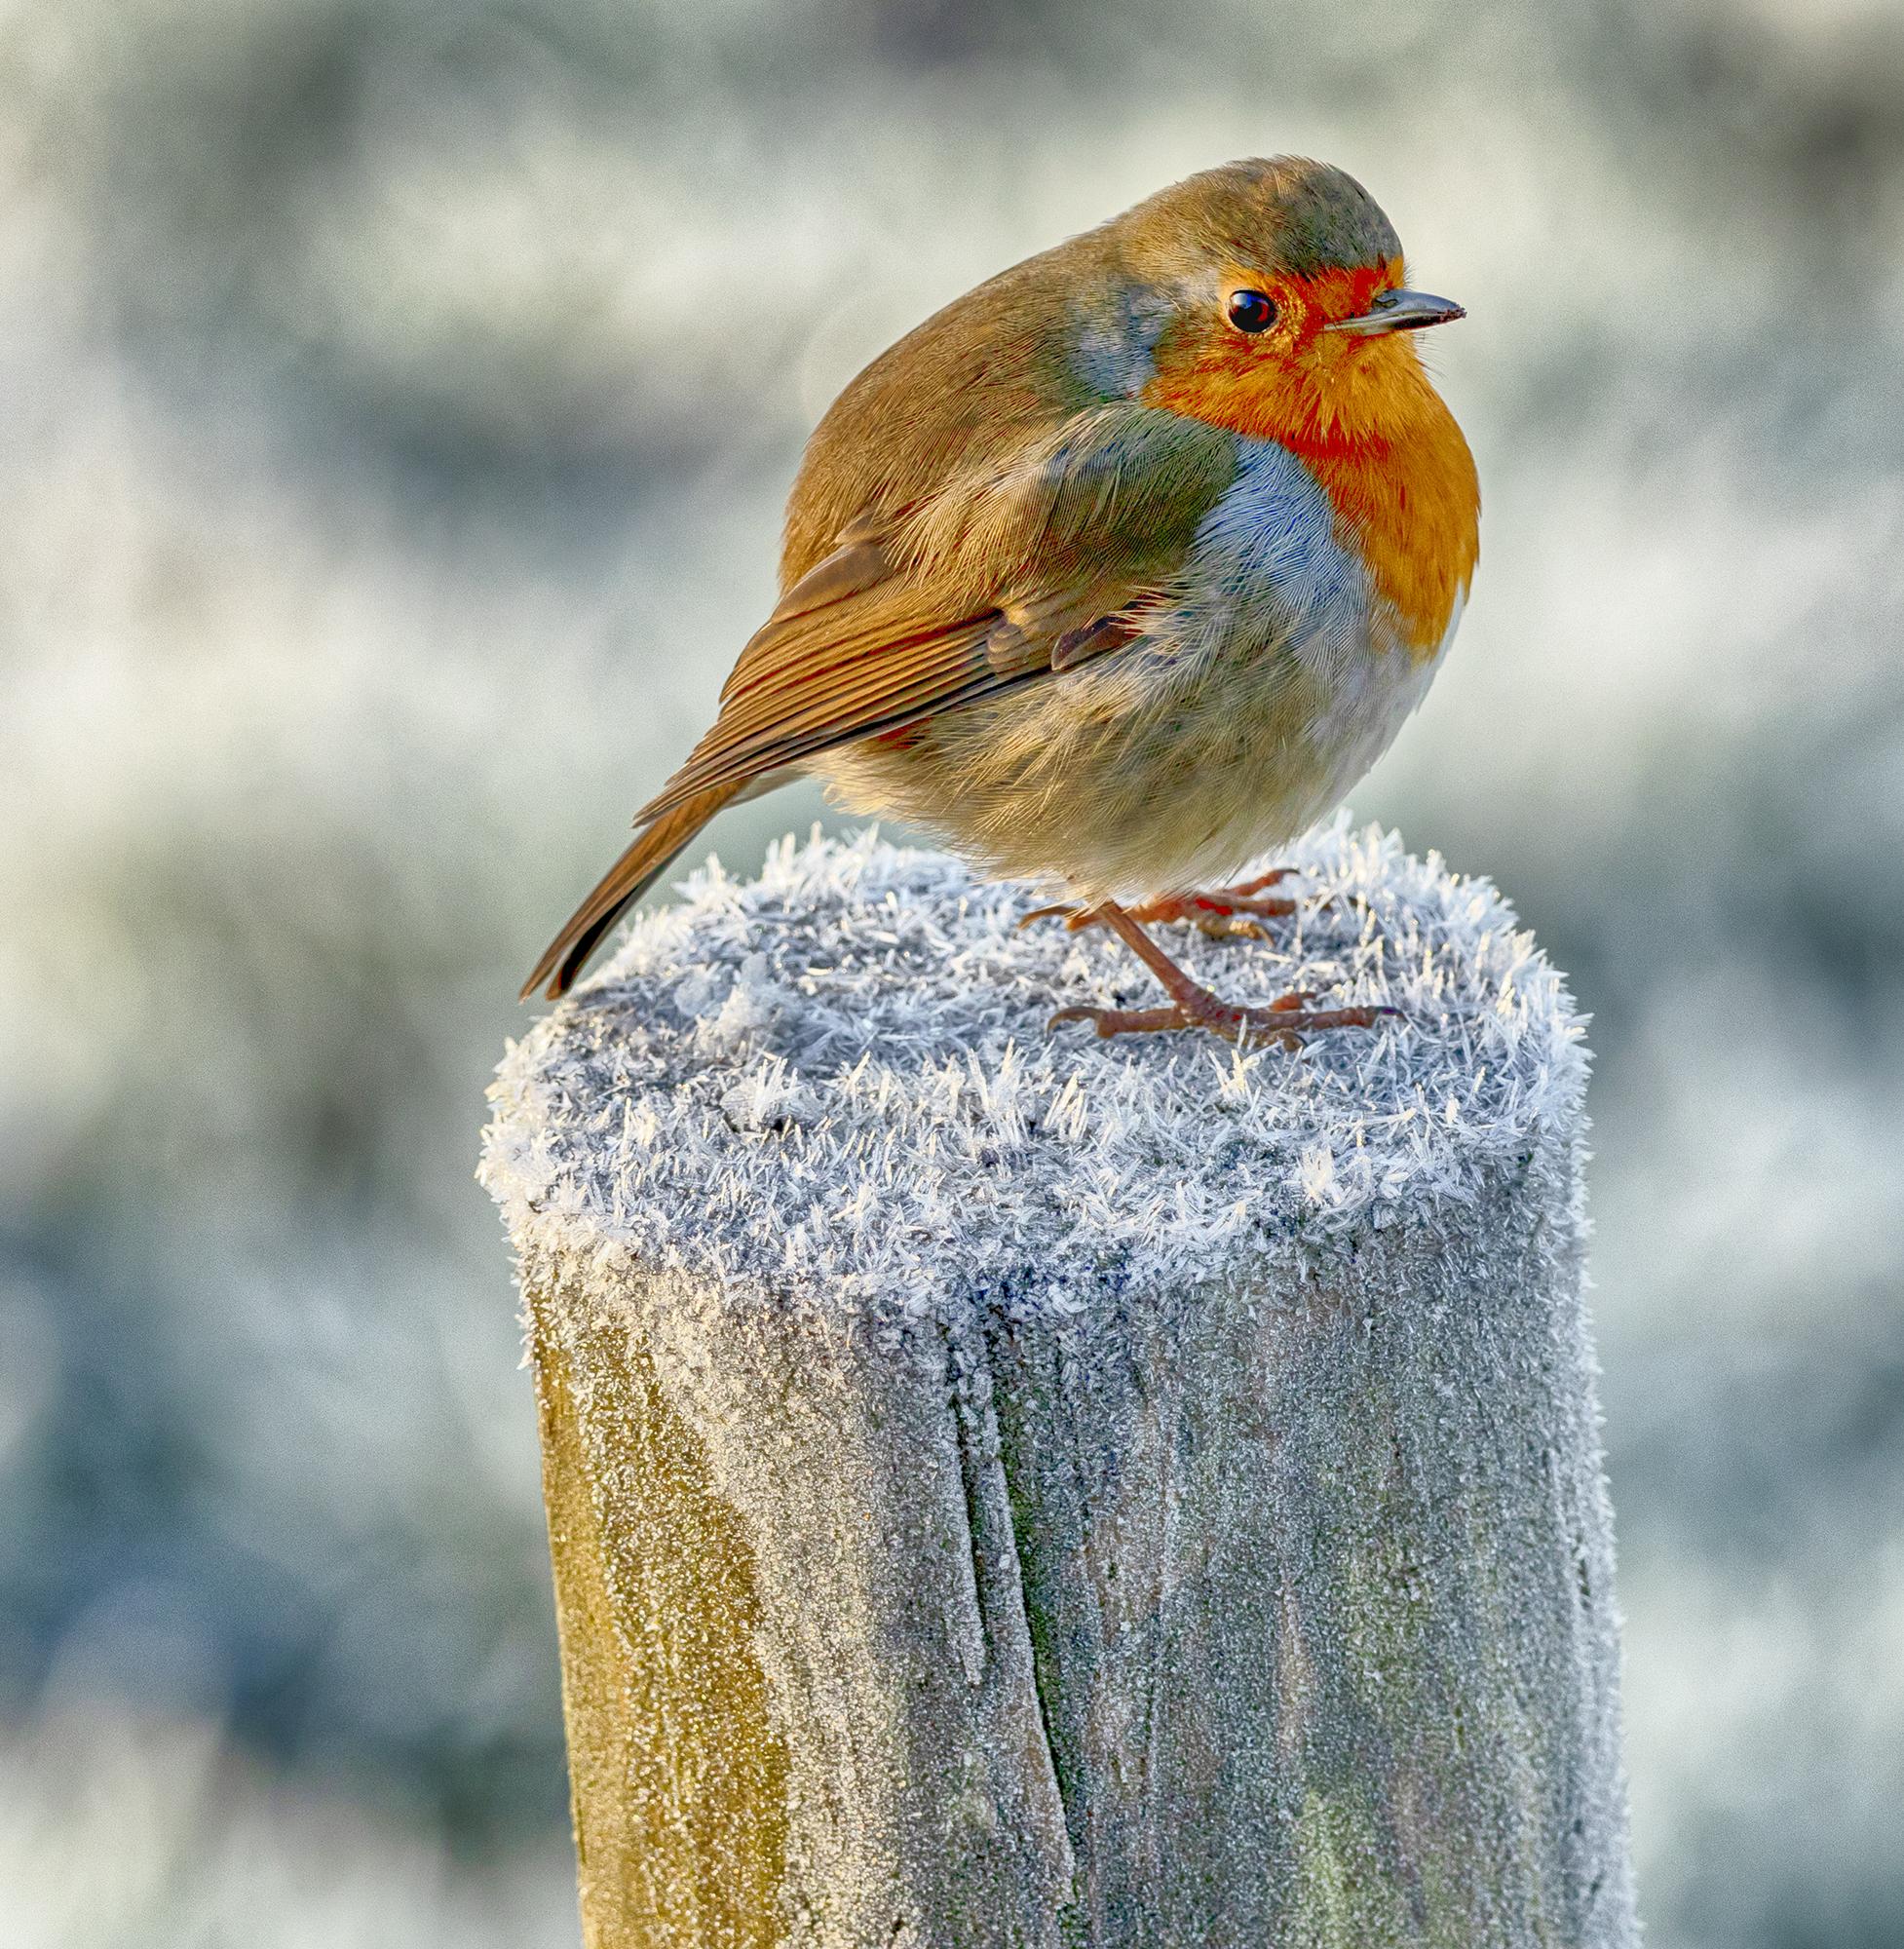 Fat Robin on a Frosty Stick